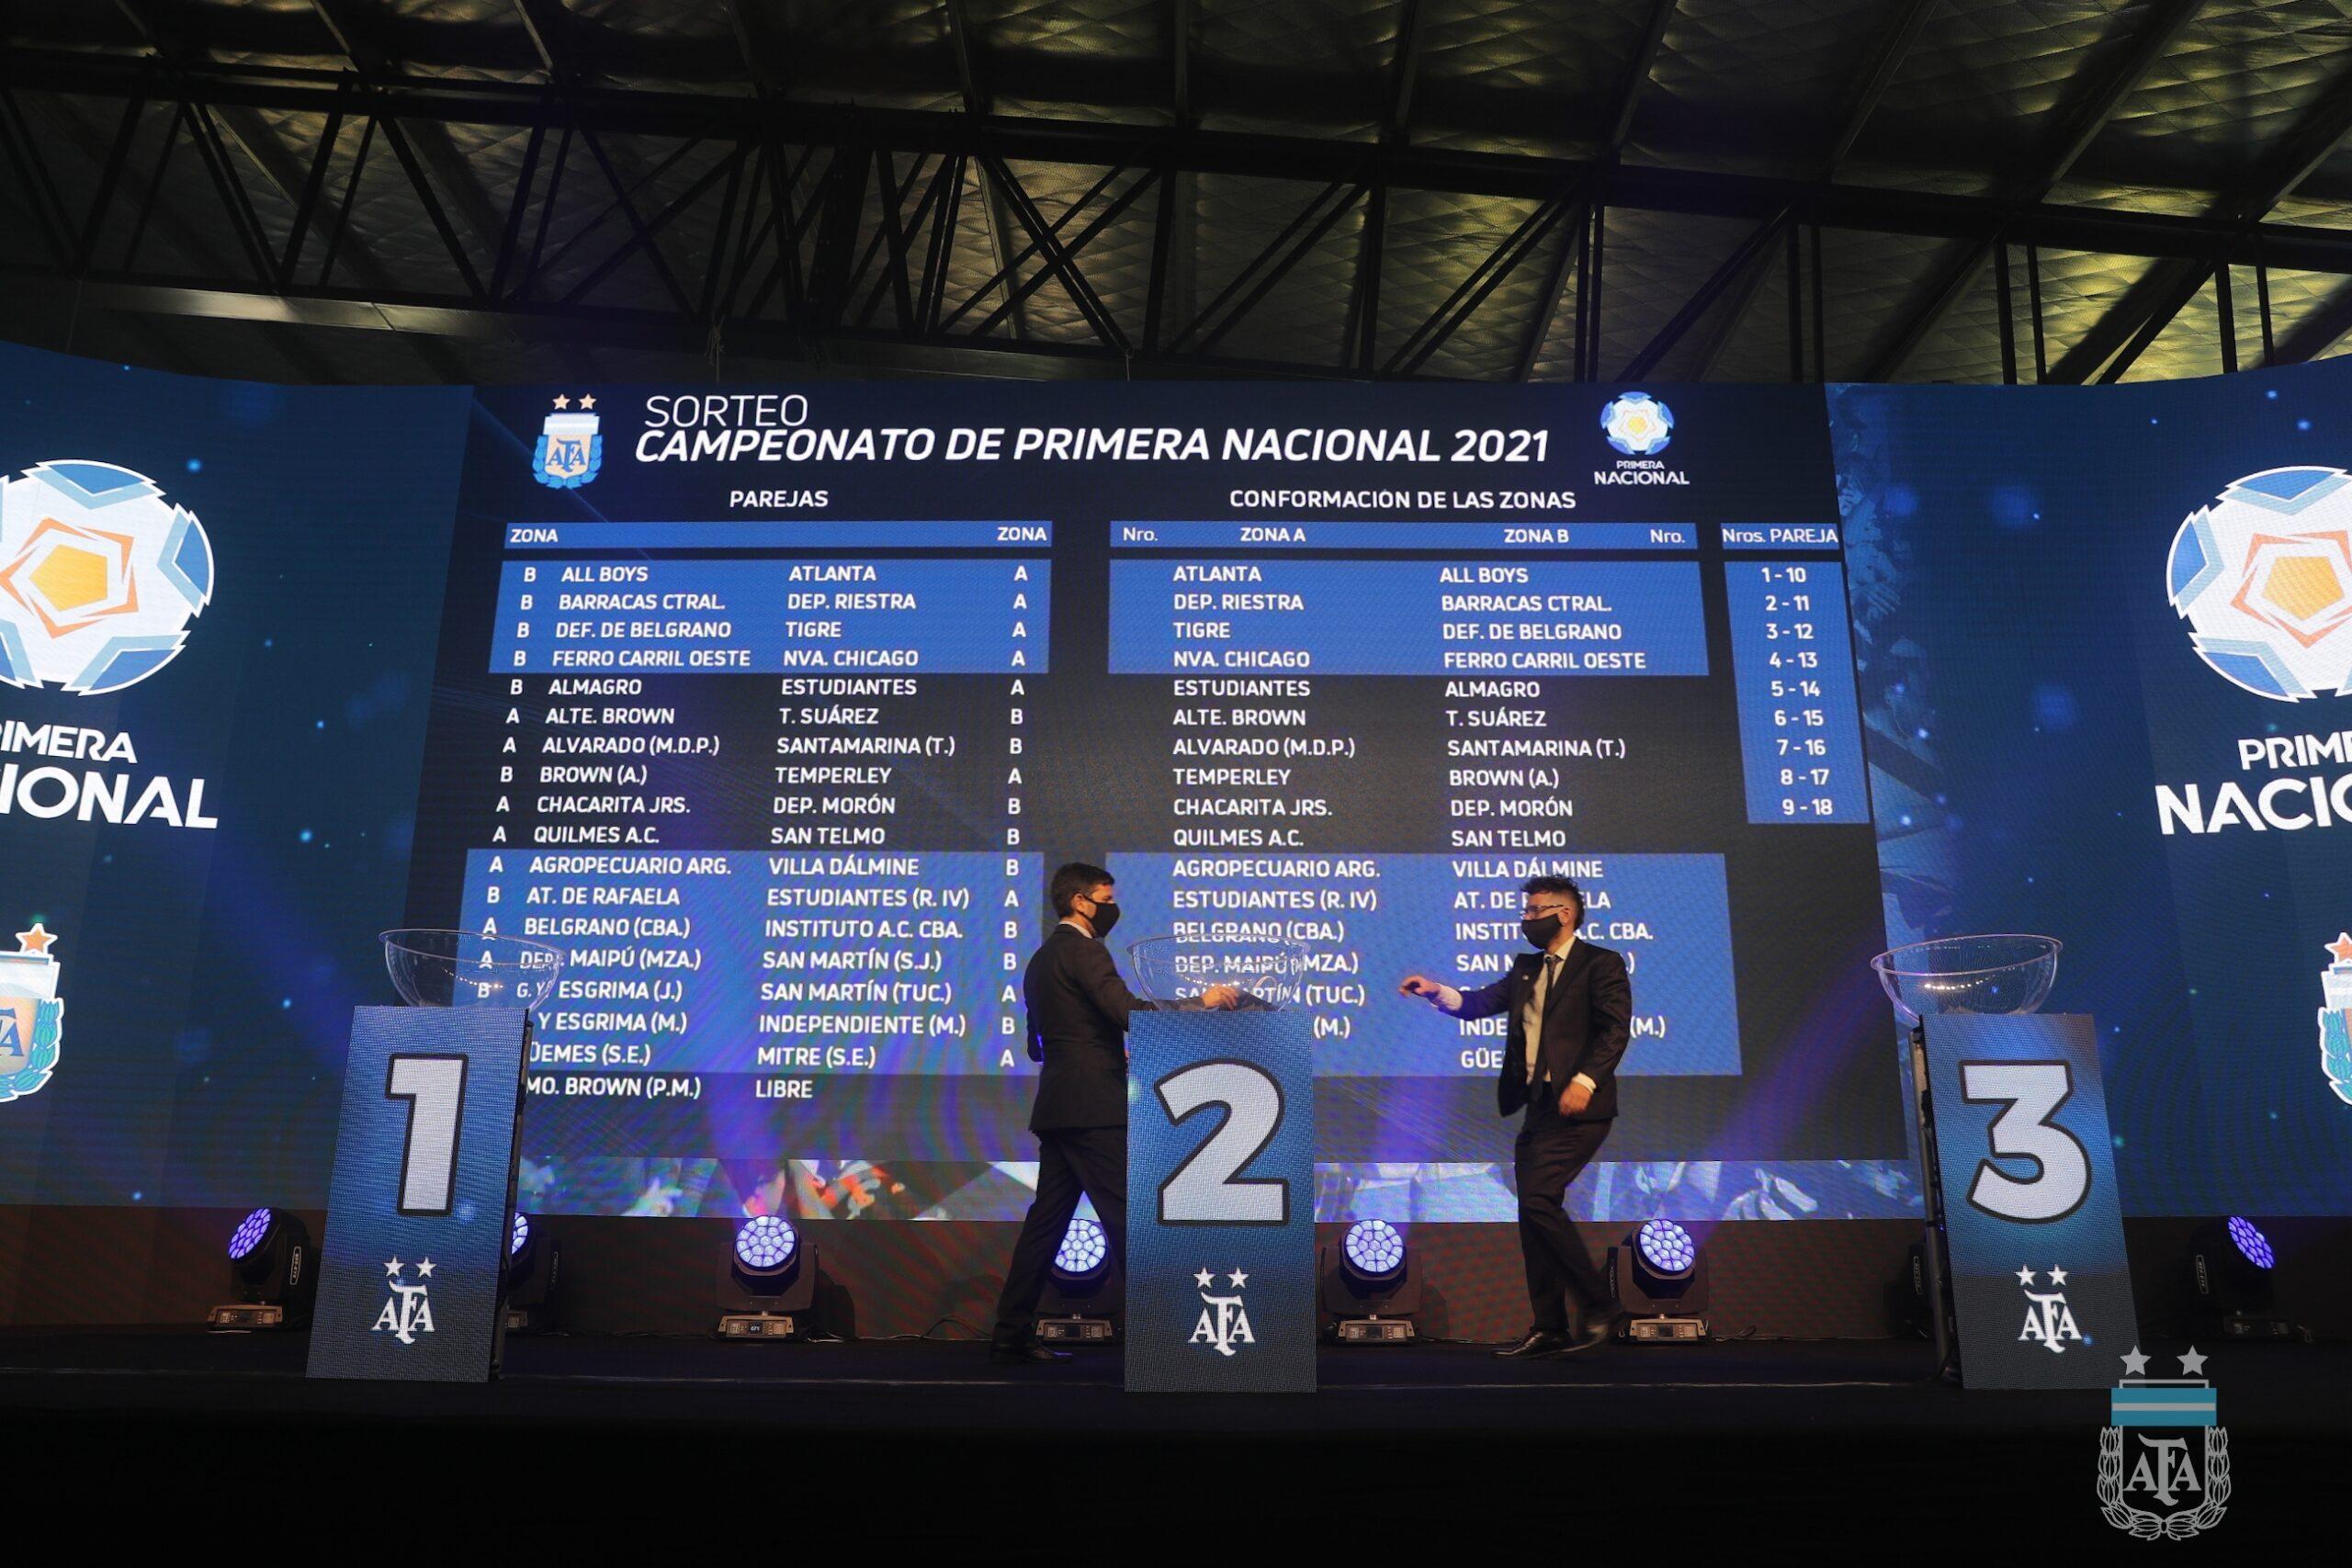 Primera Nacional: los clubes ya tienen asignadas las zonas